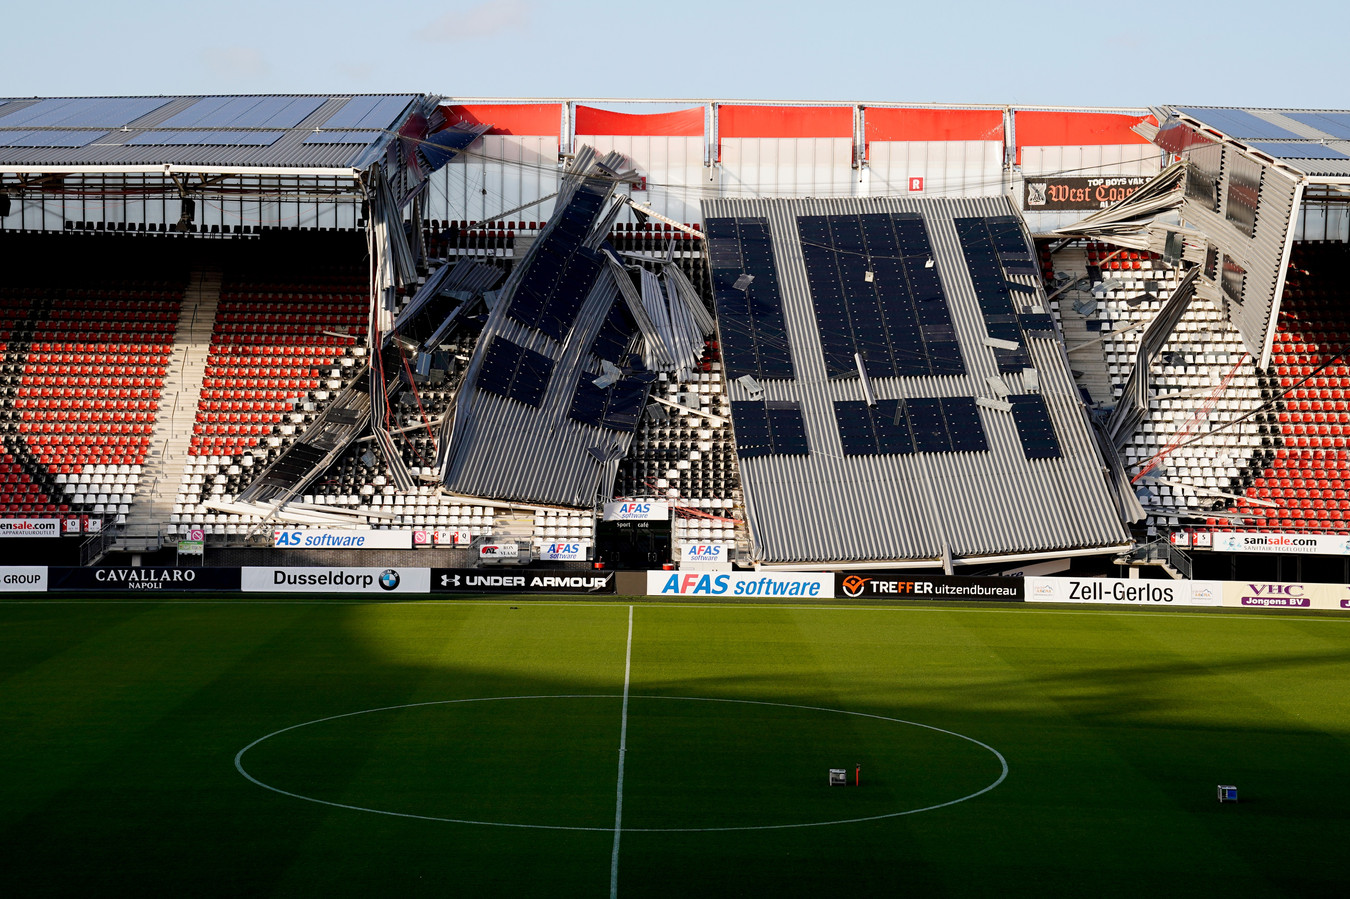 10 augustus 2019: een gedeelte van het dak van het AZ-stadion stort in. Er vallen geen slachtoffers.